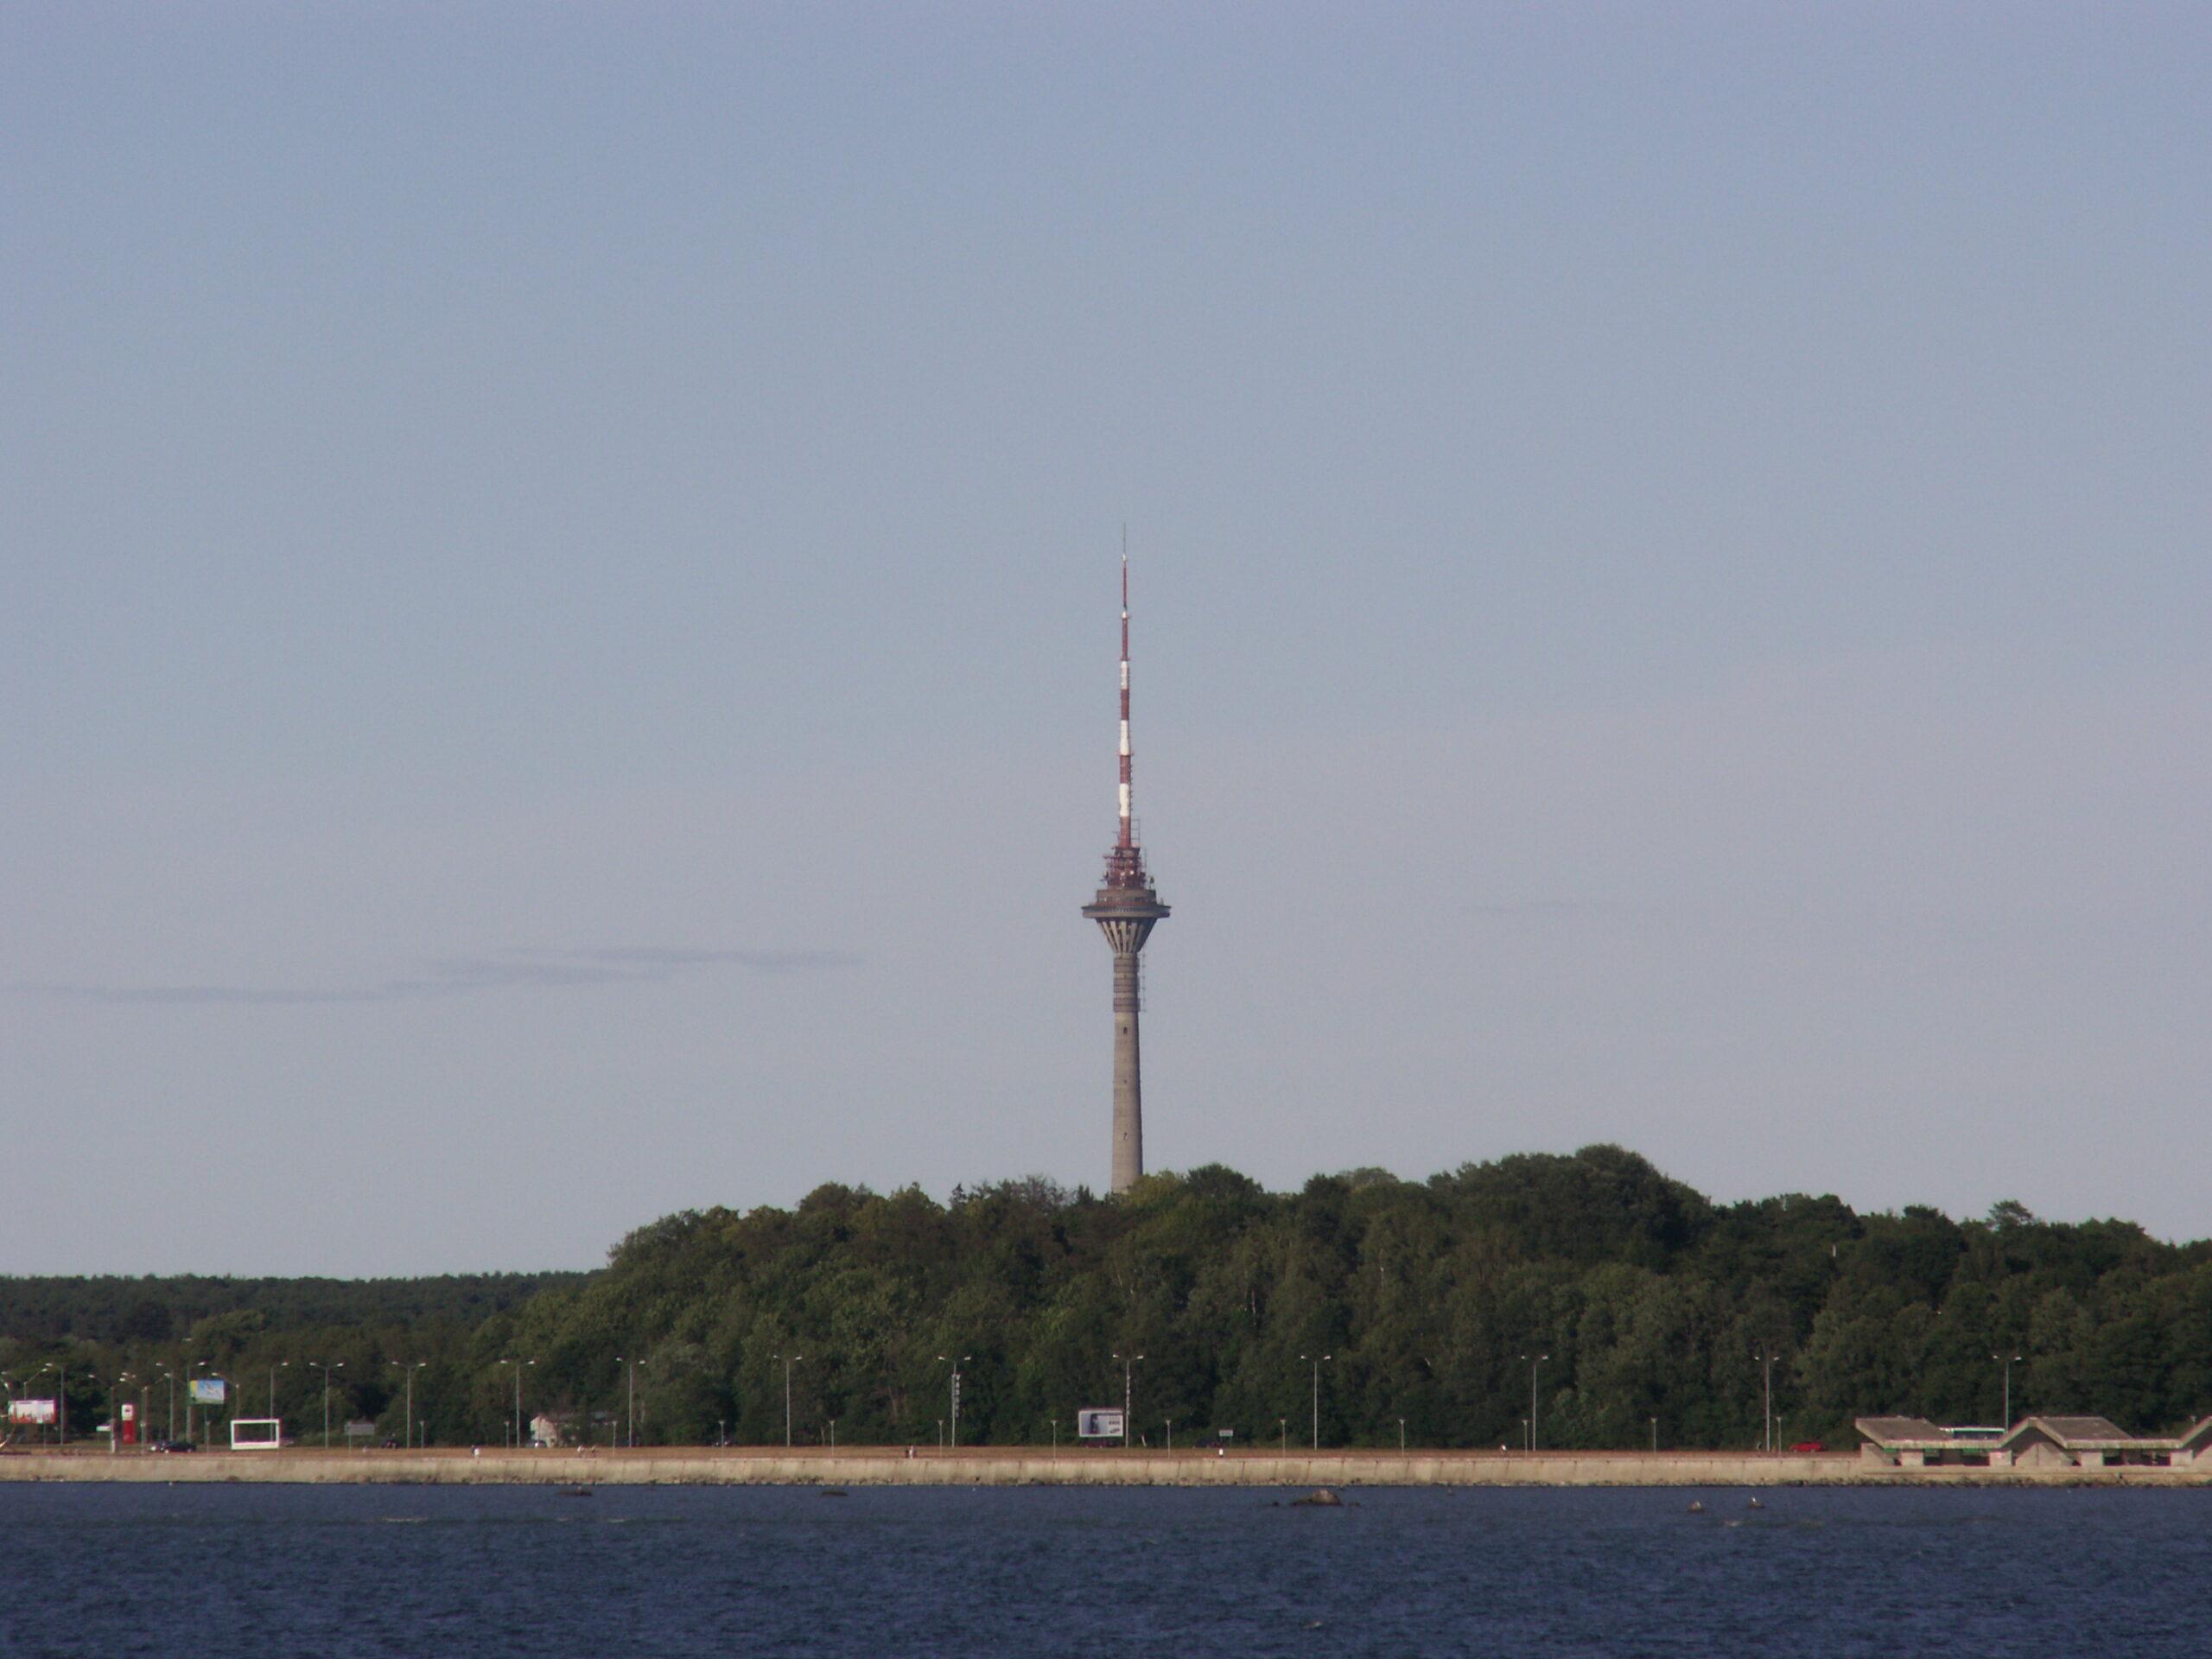 Lame Maa tõestatud? Tallinna teletorn paistab Helsingist täies pikkuses | Telegram